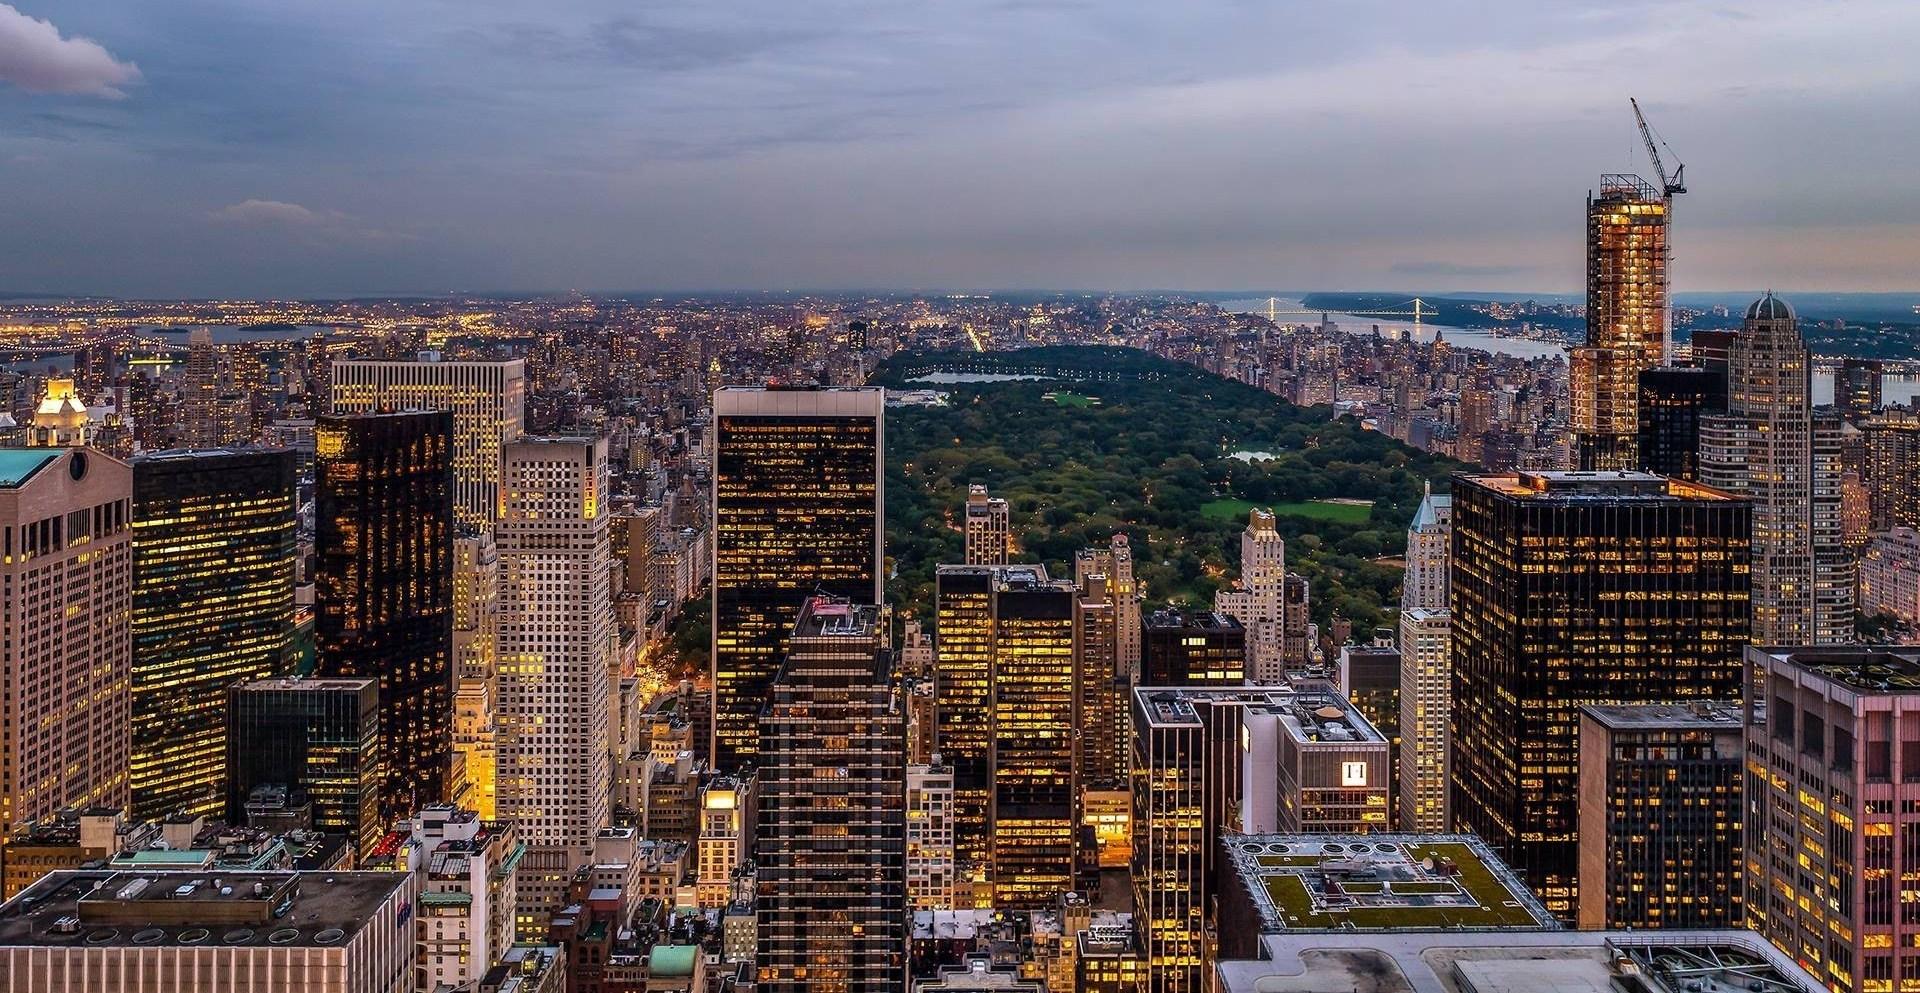 rockefeller-center-new-york-city-25887-1920x1080